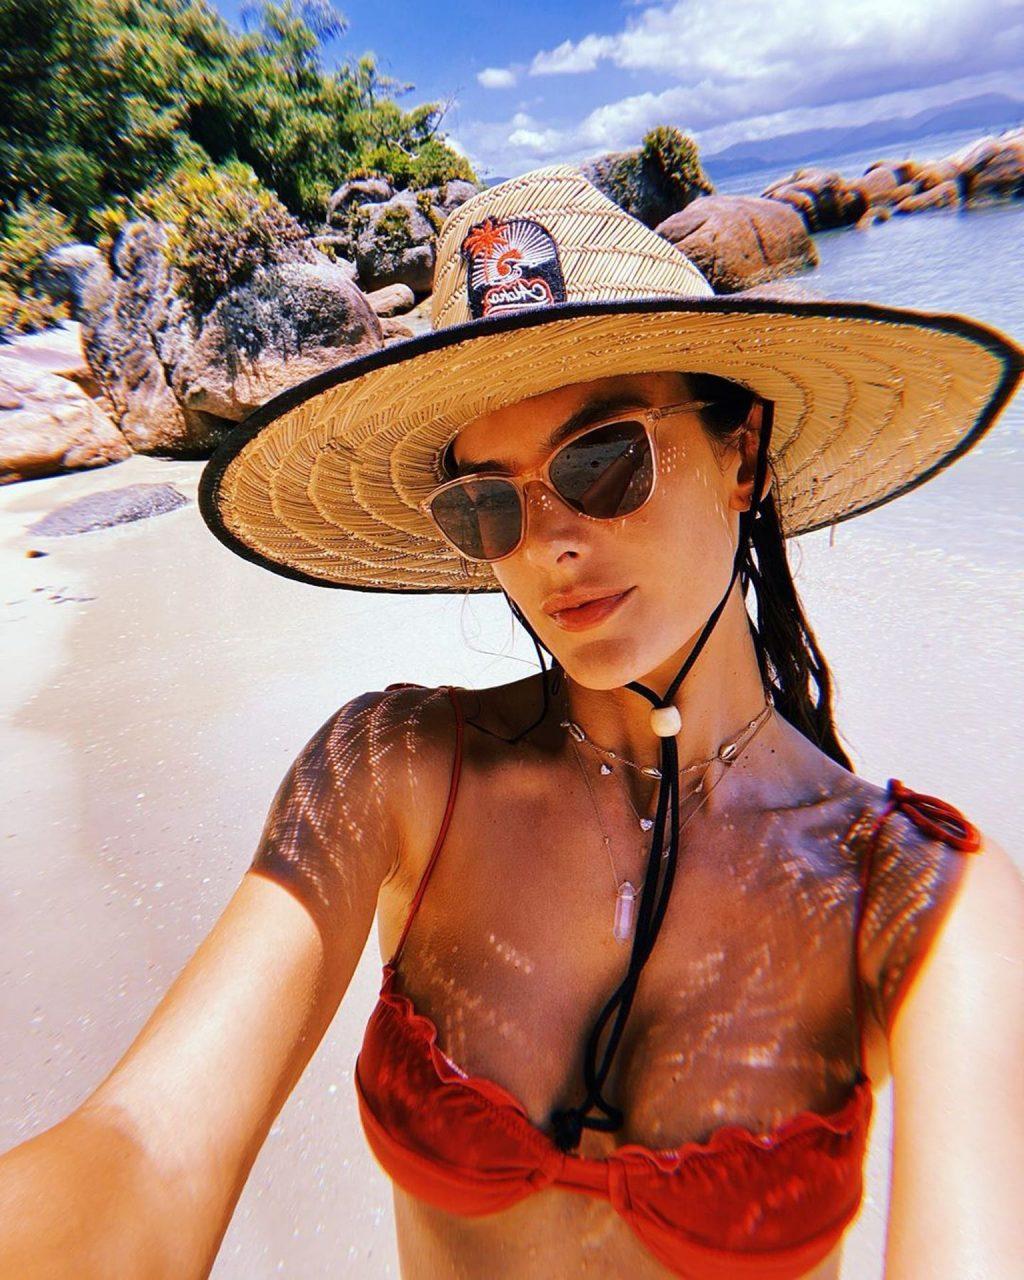 Alessandra Ambrosio Sexy (54 Hot Photos)